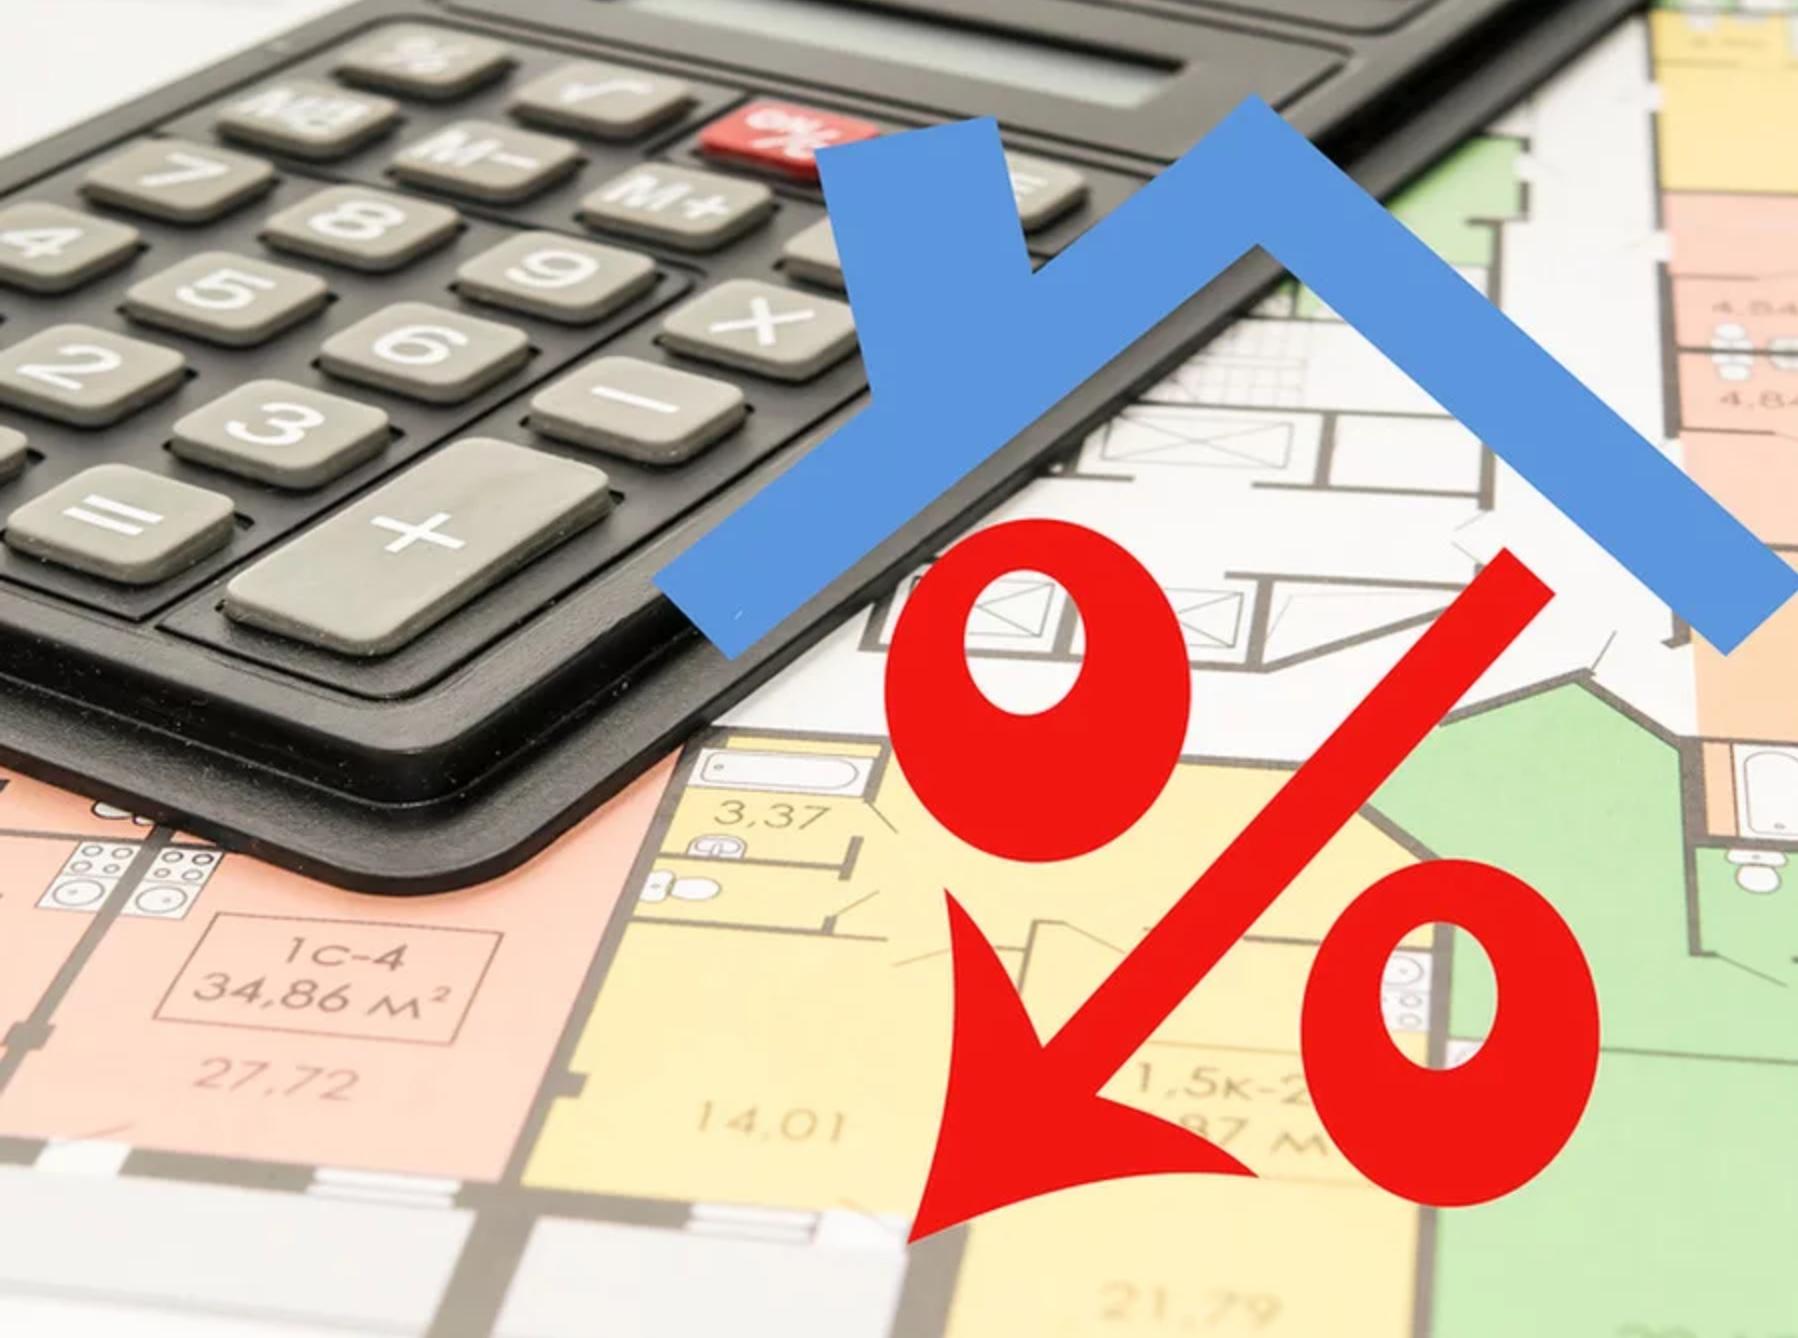 Как рефинансировать ипотеку: как уменьшить переплату, условия, когда невыгодно